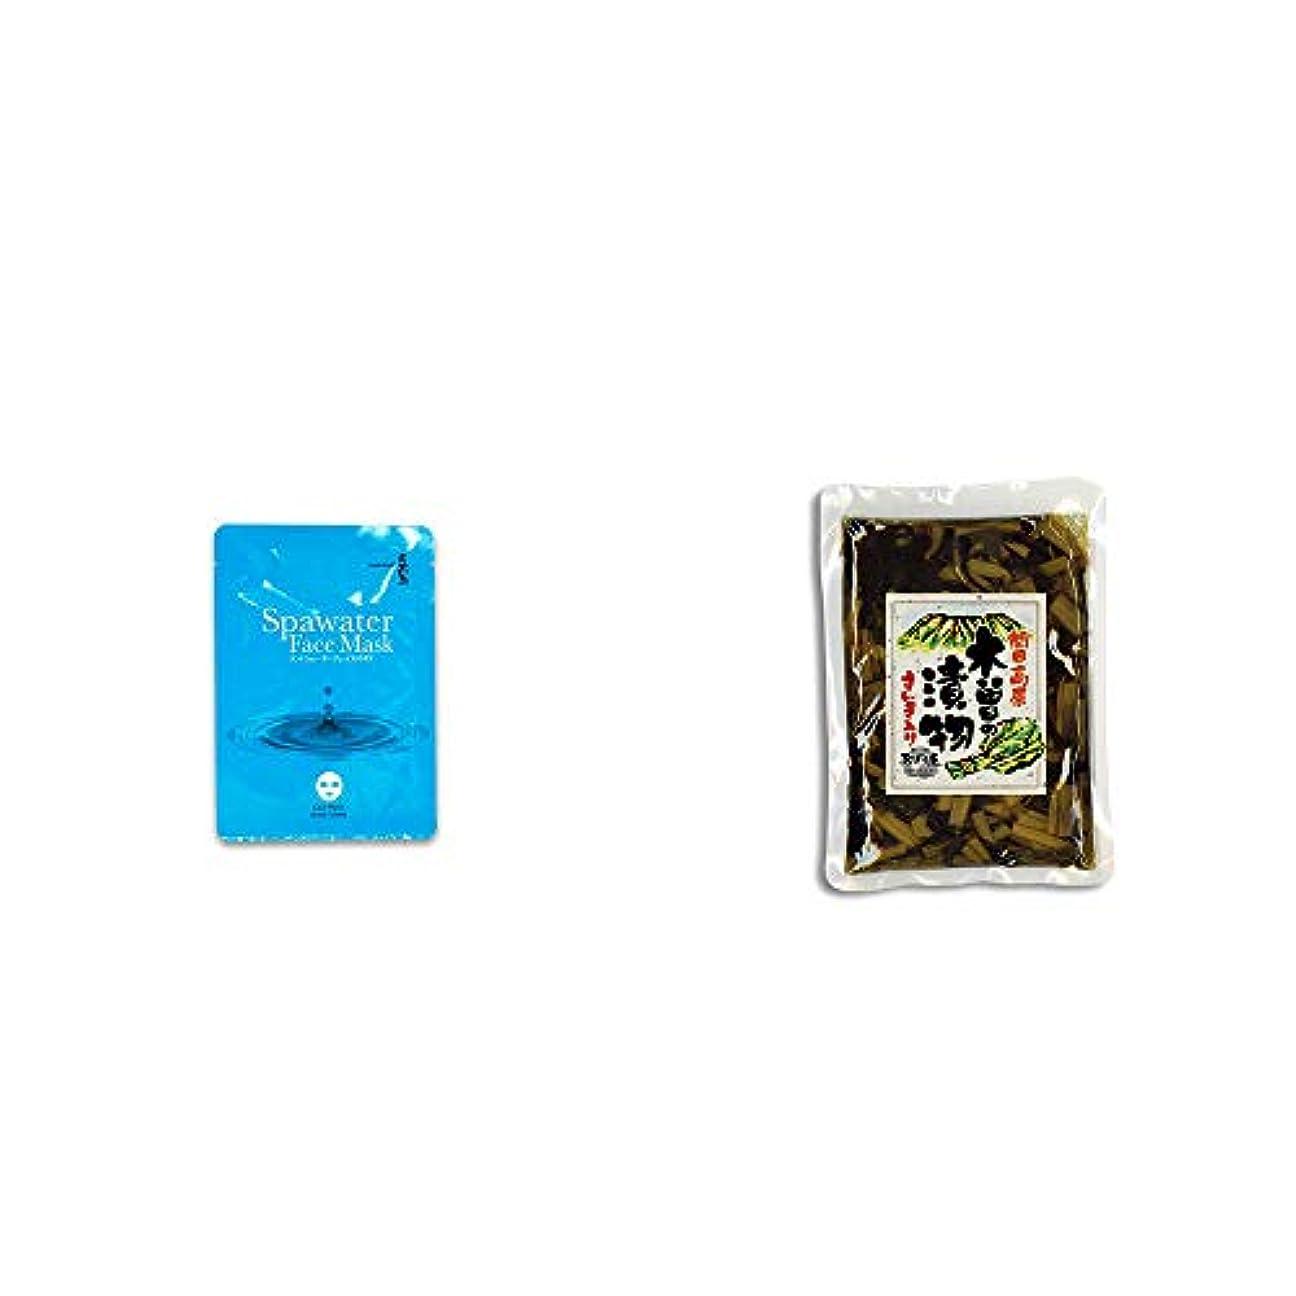 グローバル悪性の達成する[2点セット] ひのき炭黒泉 スパウォーターフェイスマスク(18ml×3枚入)?【年中販売】木曽の漬物 すんき入り(200g) / すんき漬け味付加工品 //